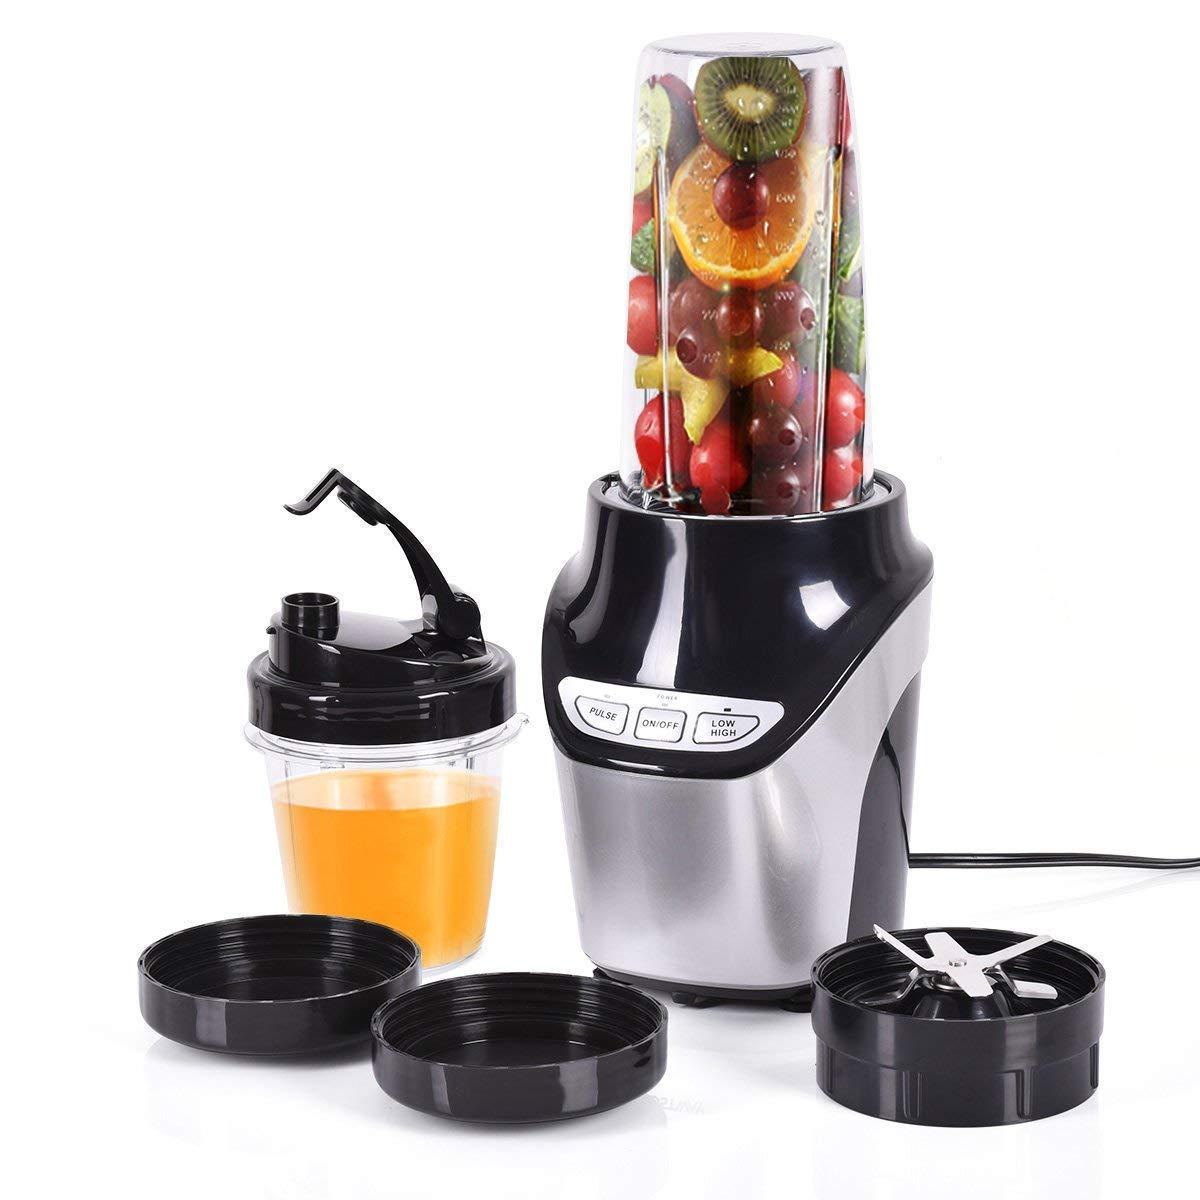 Safeplus VD-42124KC 1000 W Electric Fruit Vegetable Juicer Blender Grinder Machine with 2Bottles 2-Speed, 15.6 x 6.5 x 14.8 in, Silver